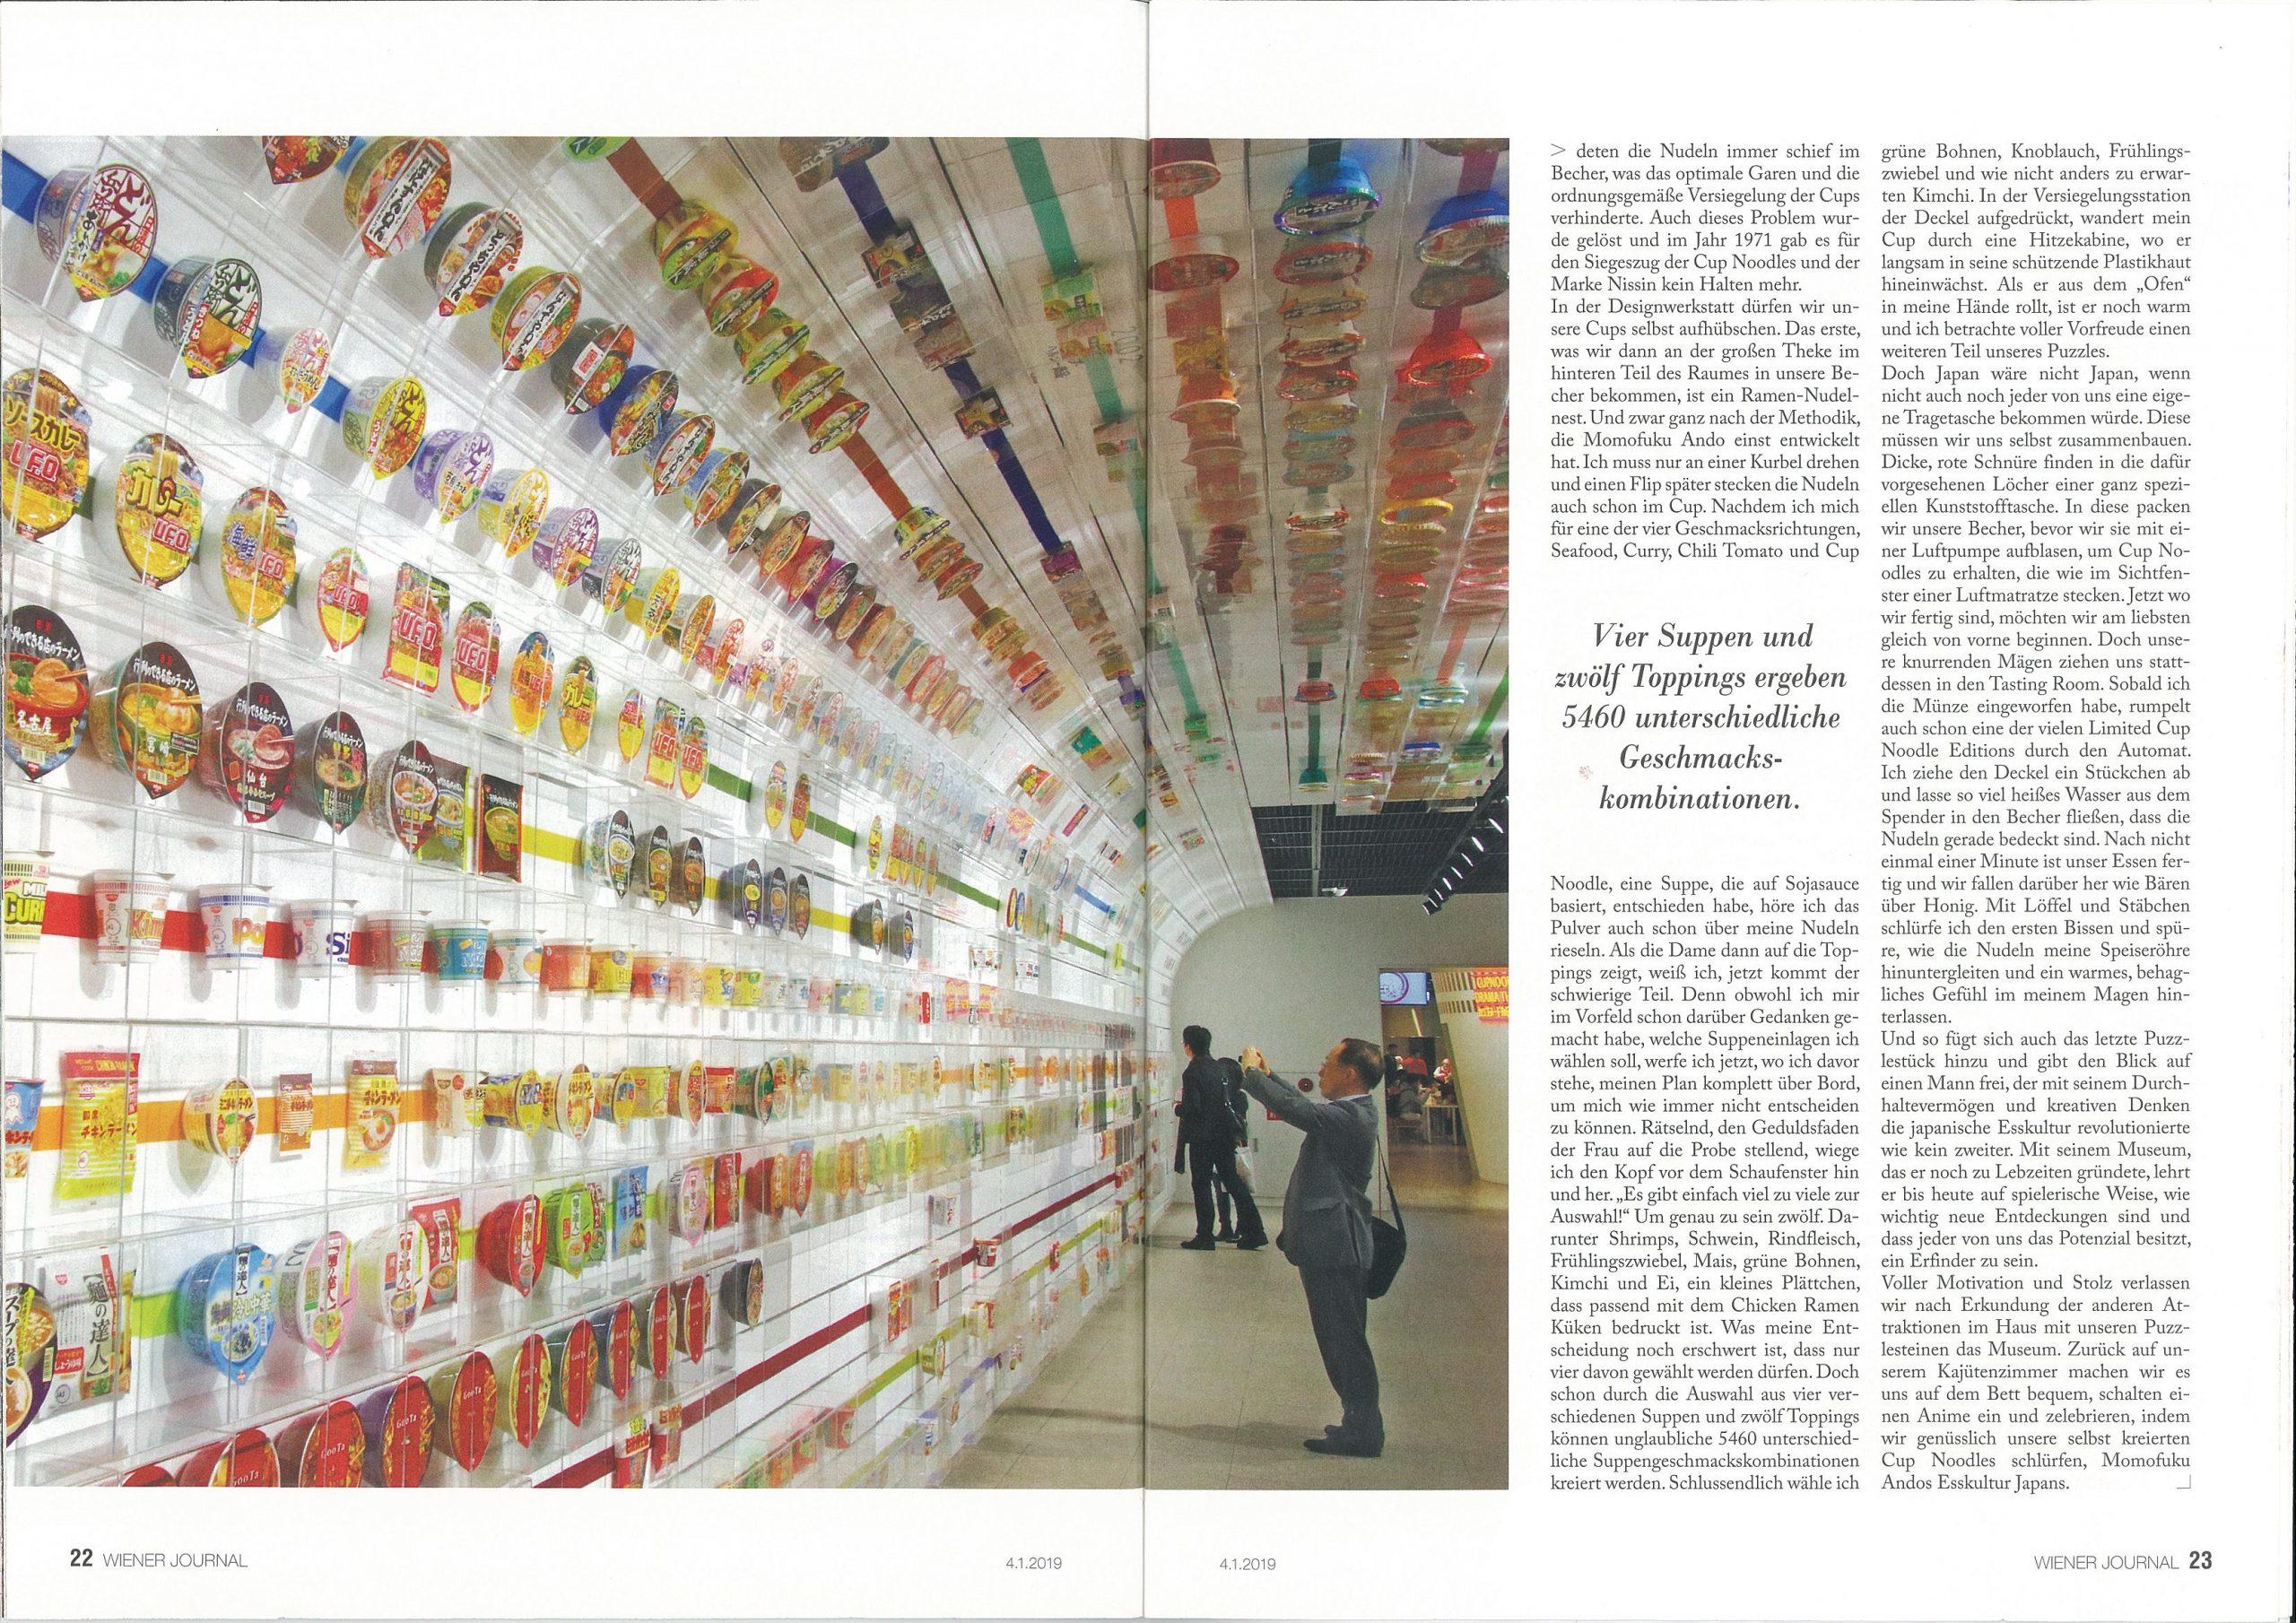 Wiener Zeitung Artikel Instant Ramen Museum Osaka - Nicole Bühringer - Open your Wings Der Asien Blog